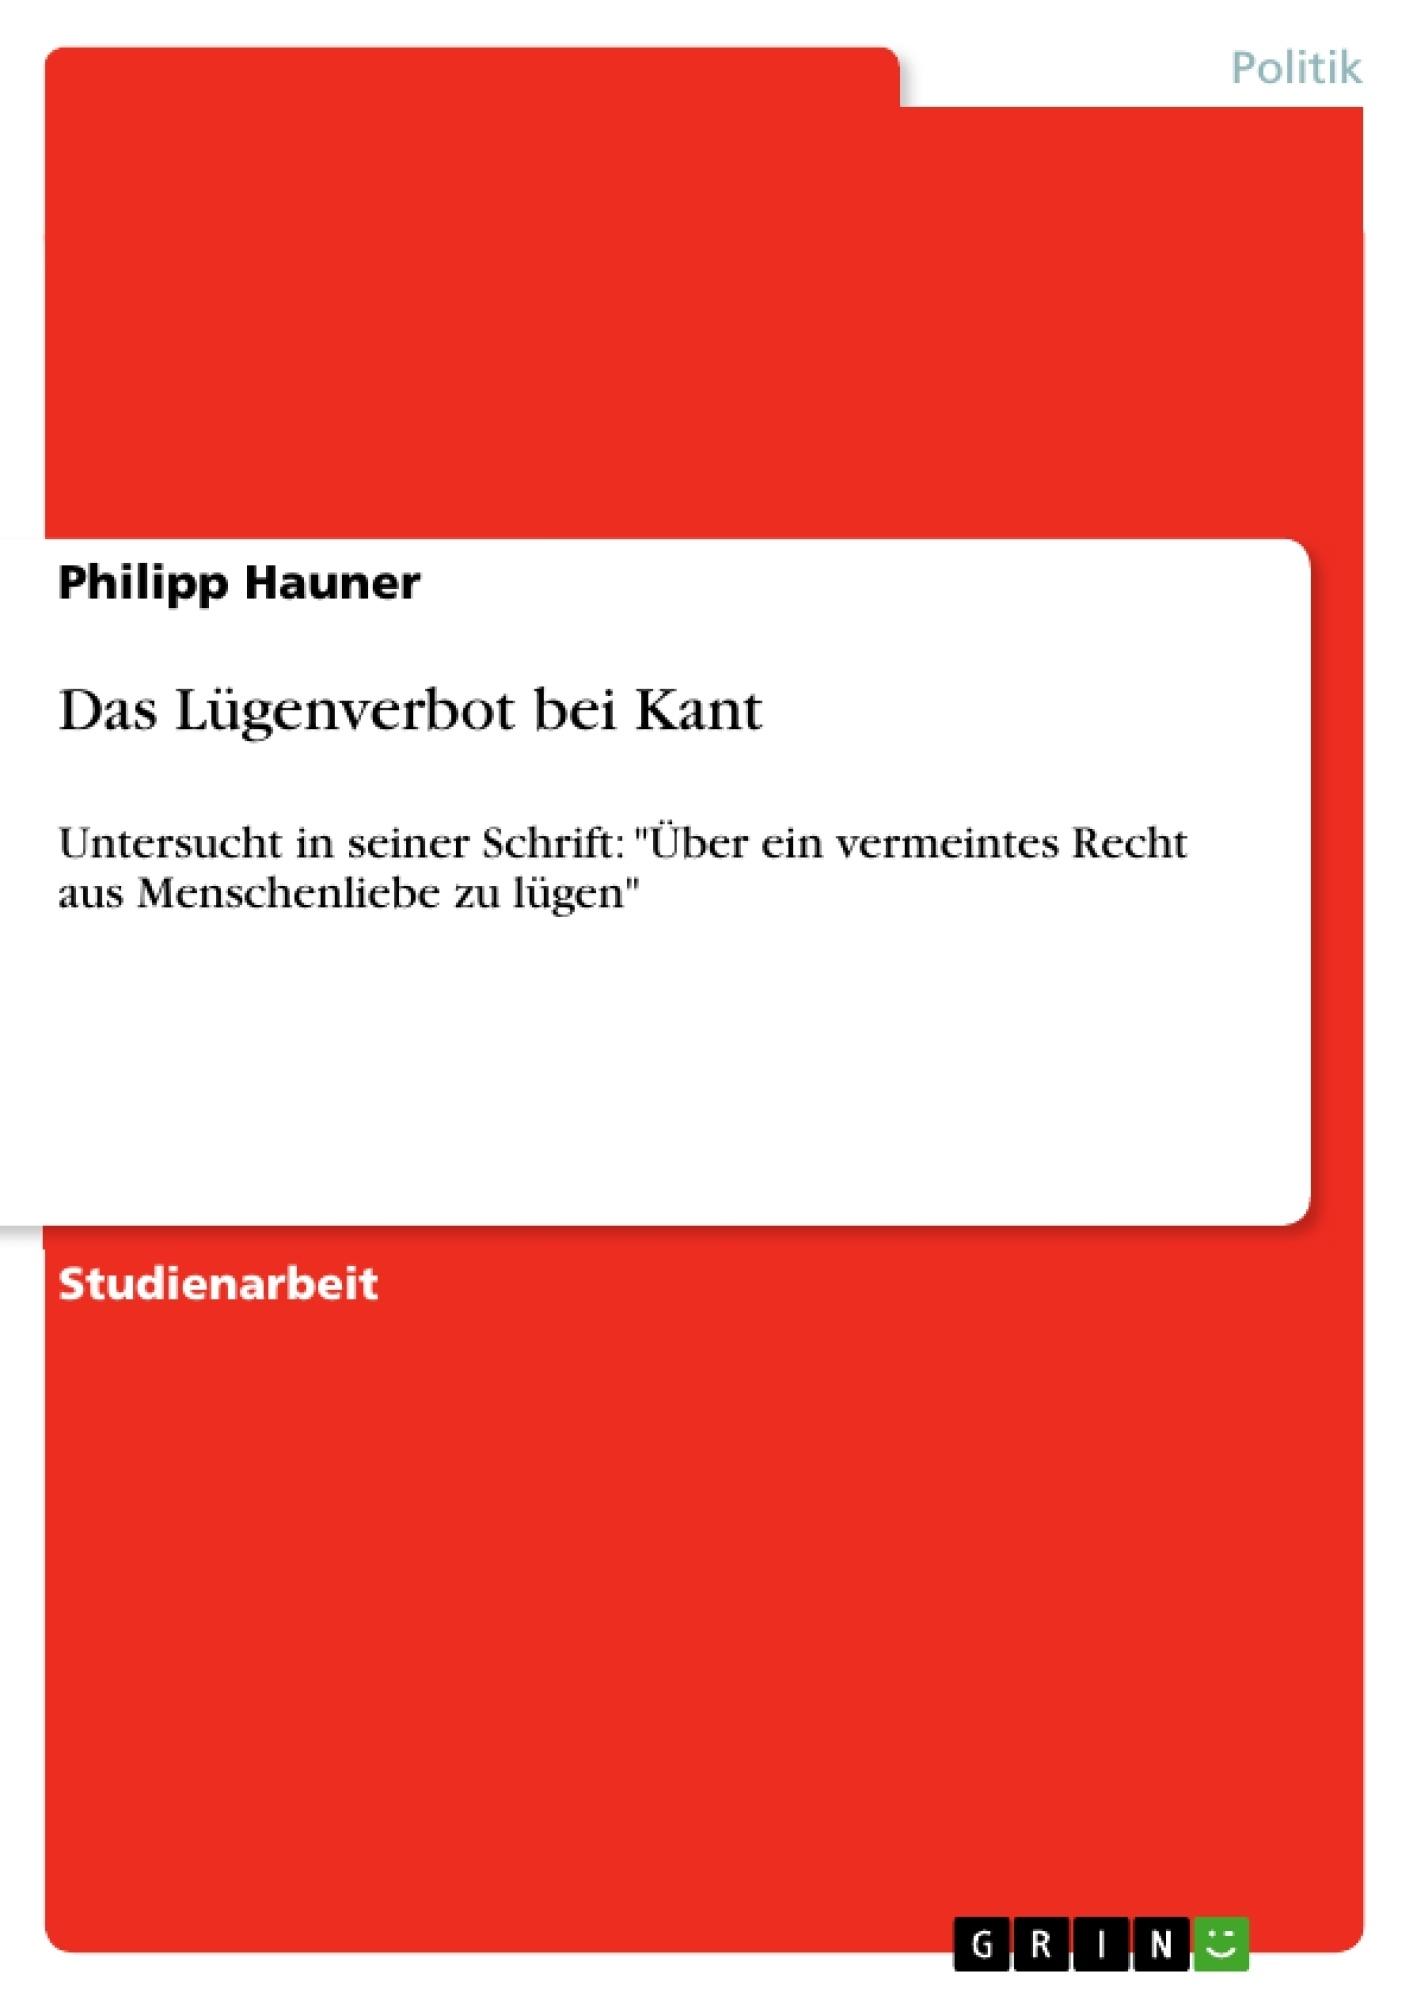 Titel: Das Lügenverbot bei Kant